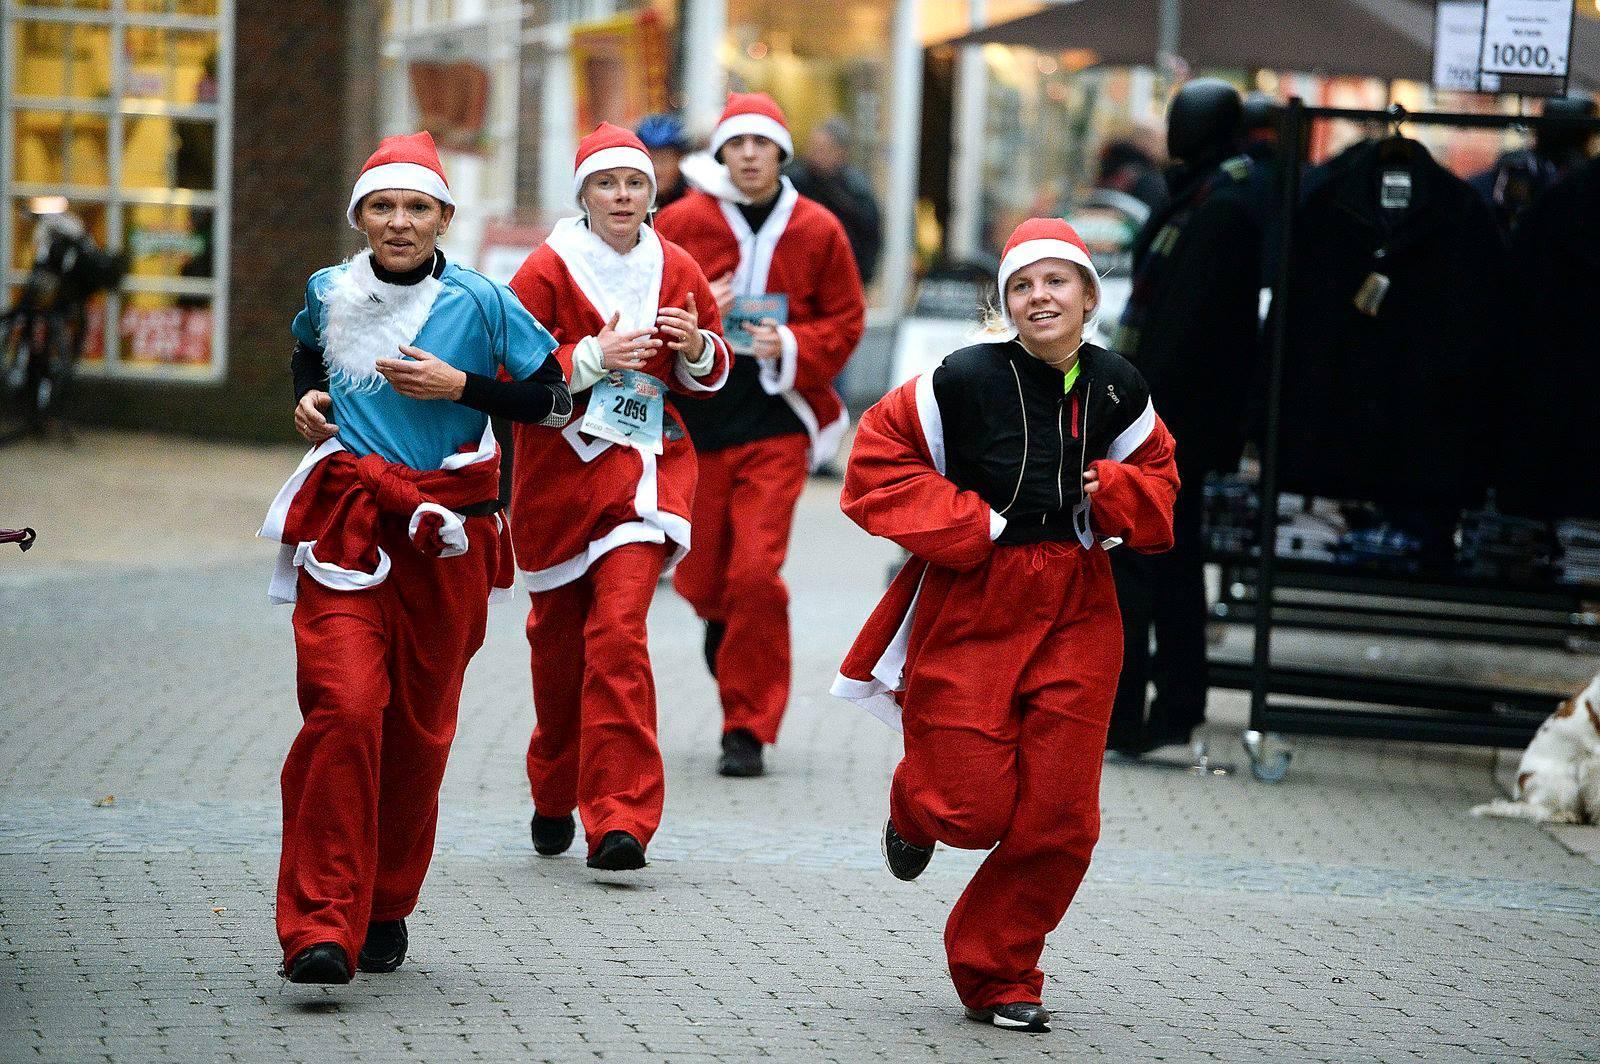 Masser af julestemning i Aalborg: Her er din guide til juledagene